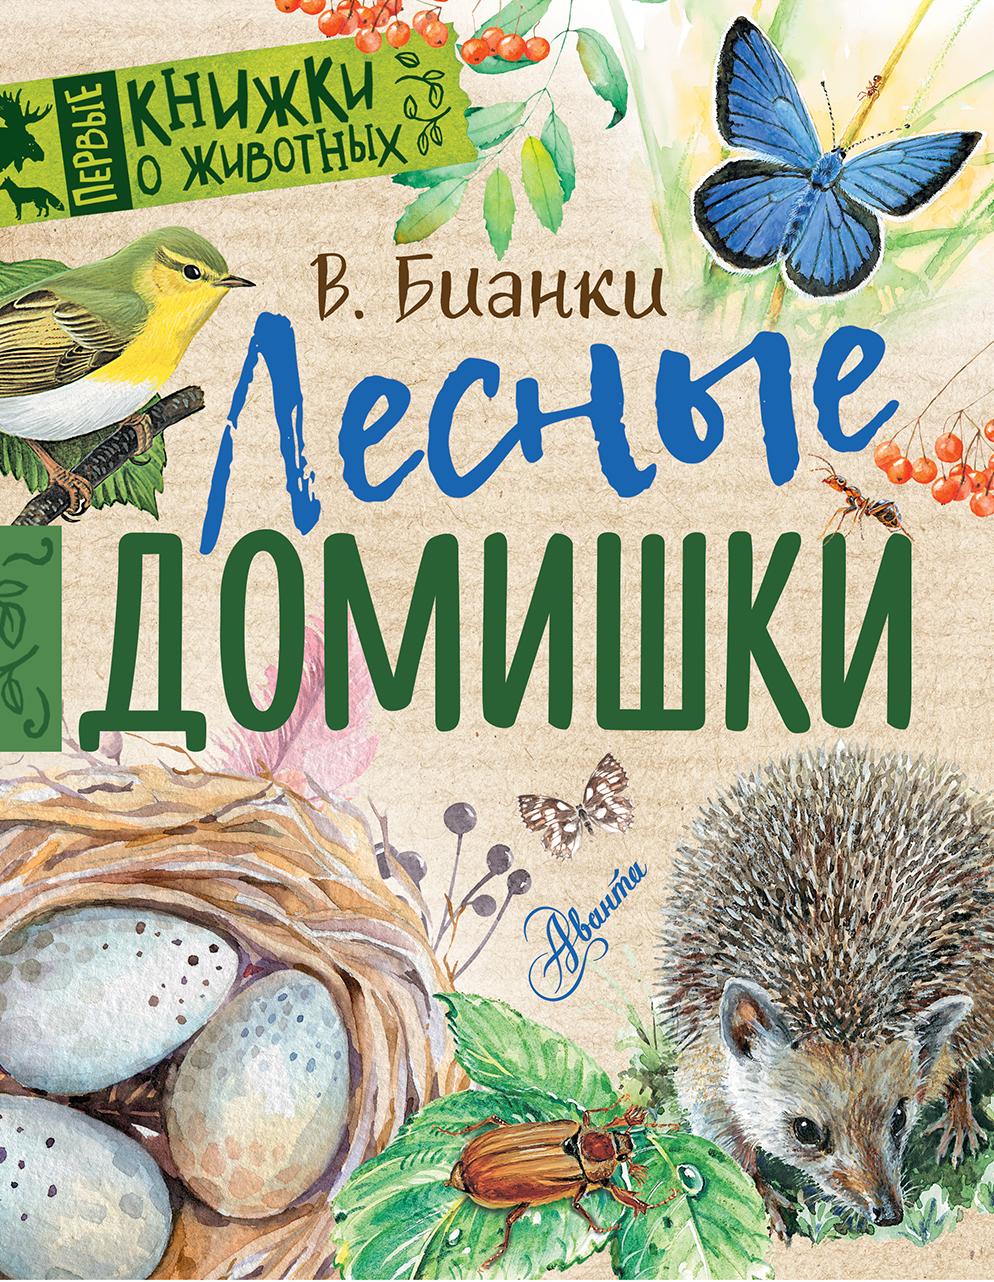 Виталий Бианки Лесные домишки виталий бианки большая книга сказок